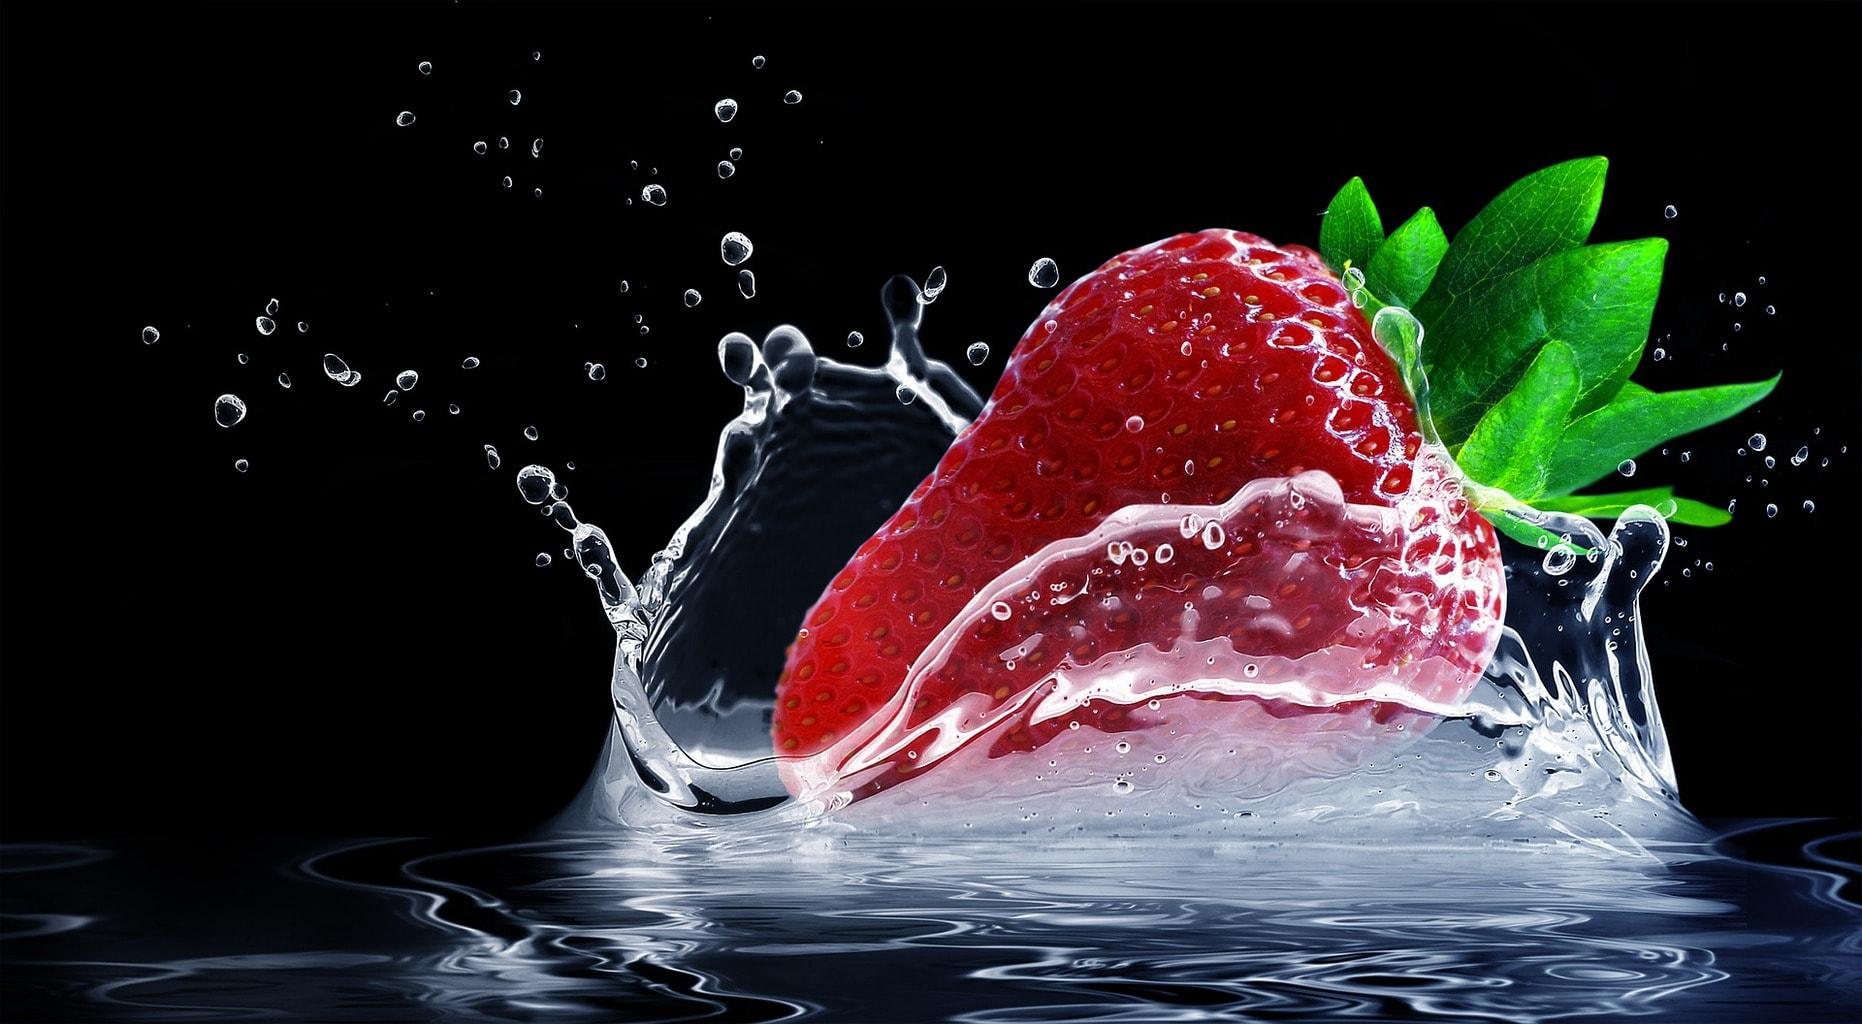 fotografía de una fresa con fondo negro